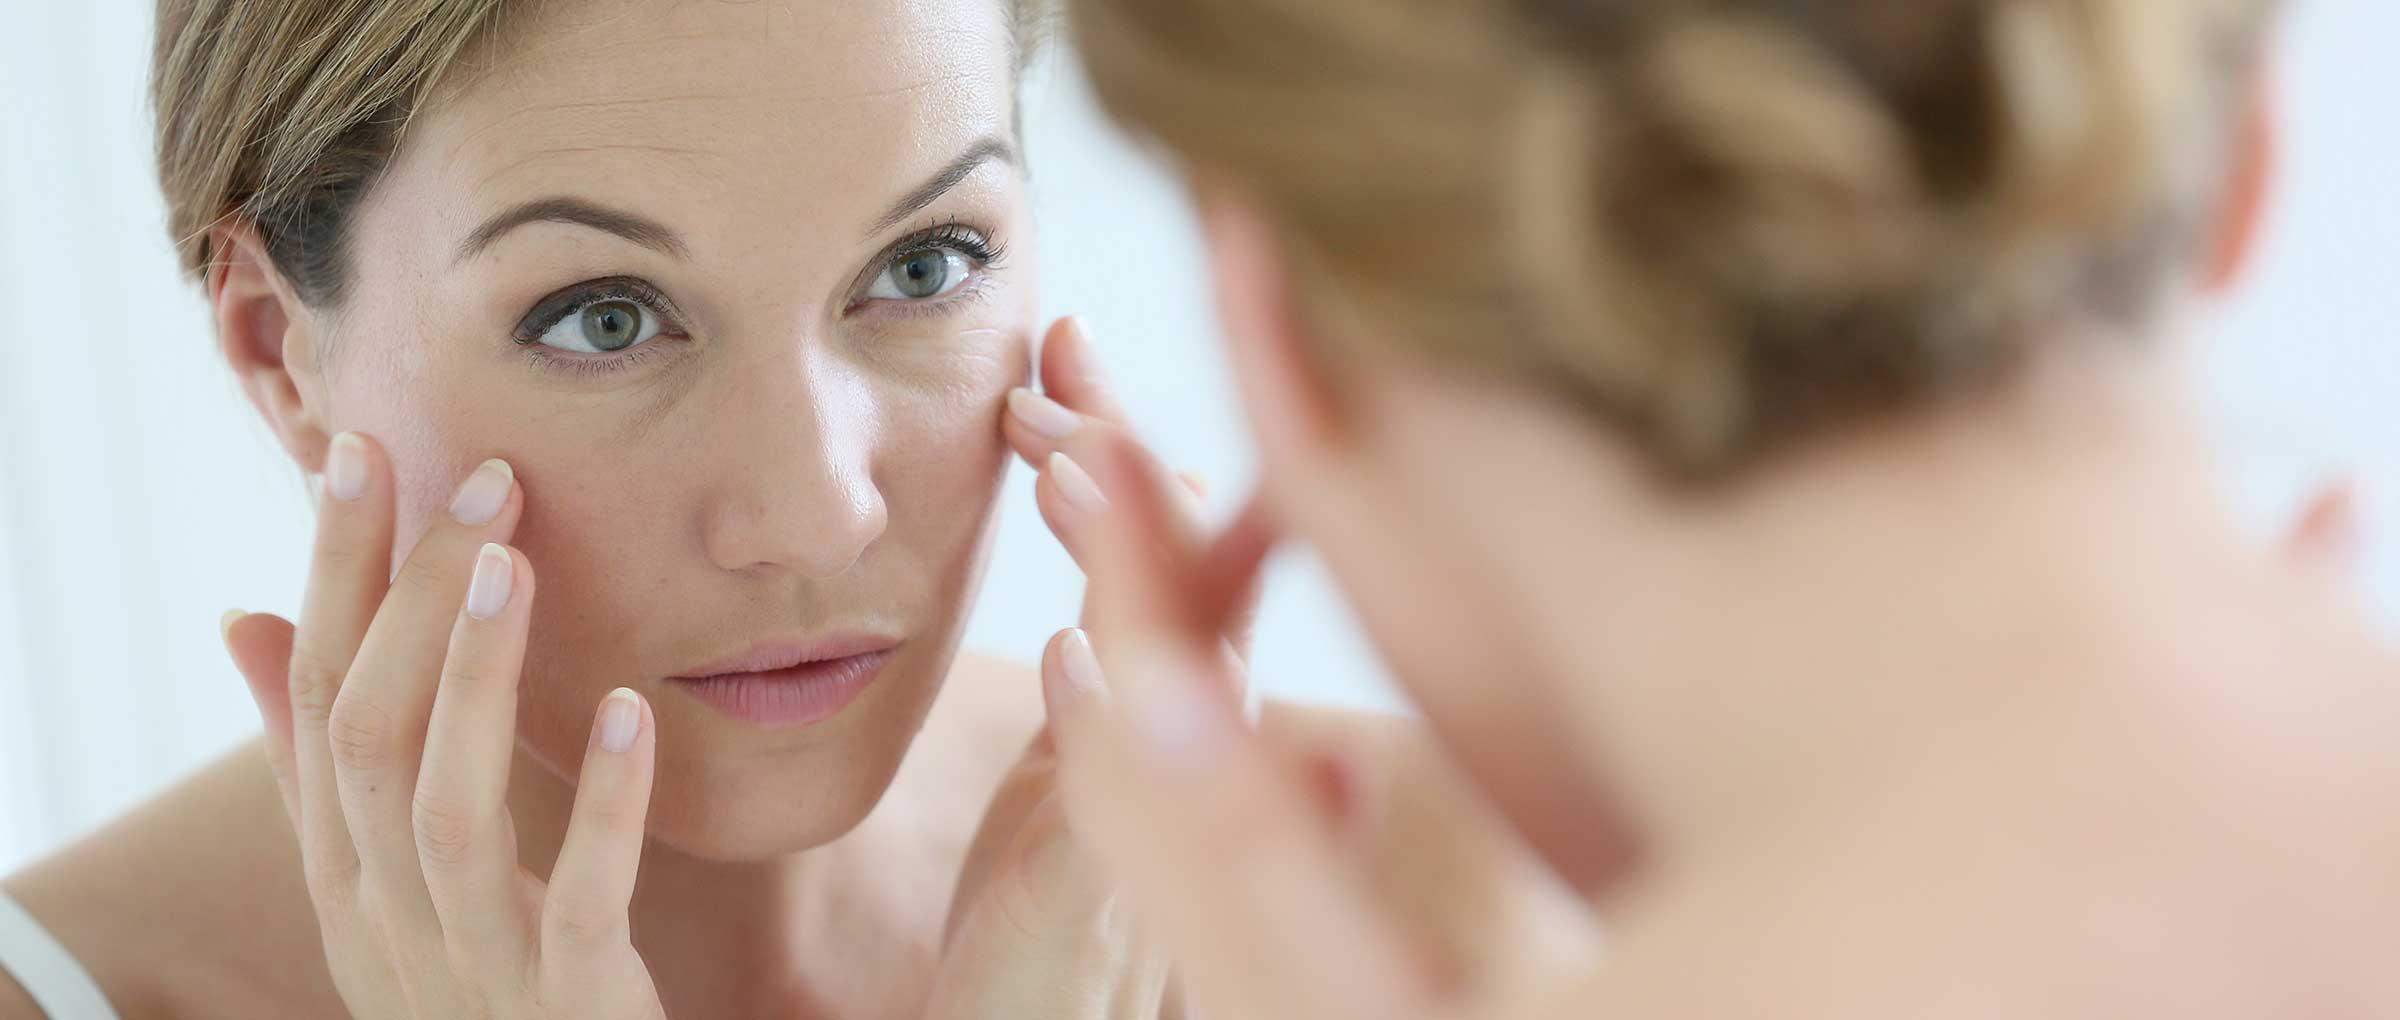 Skin changes after pregnancy